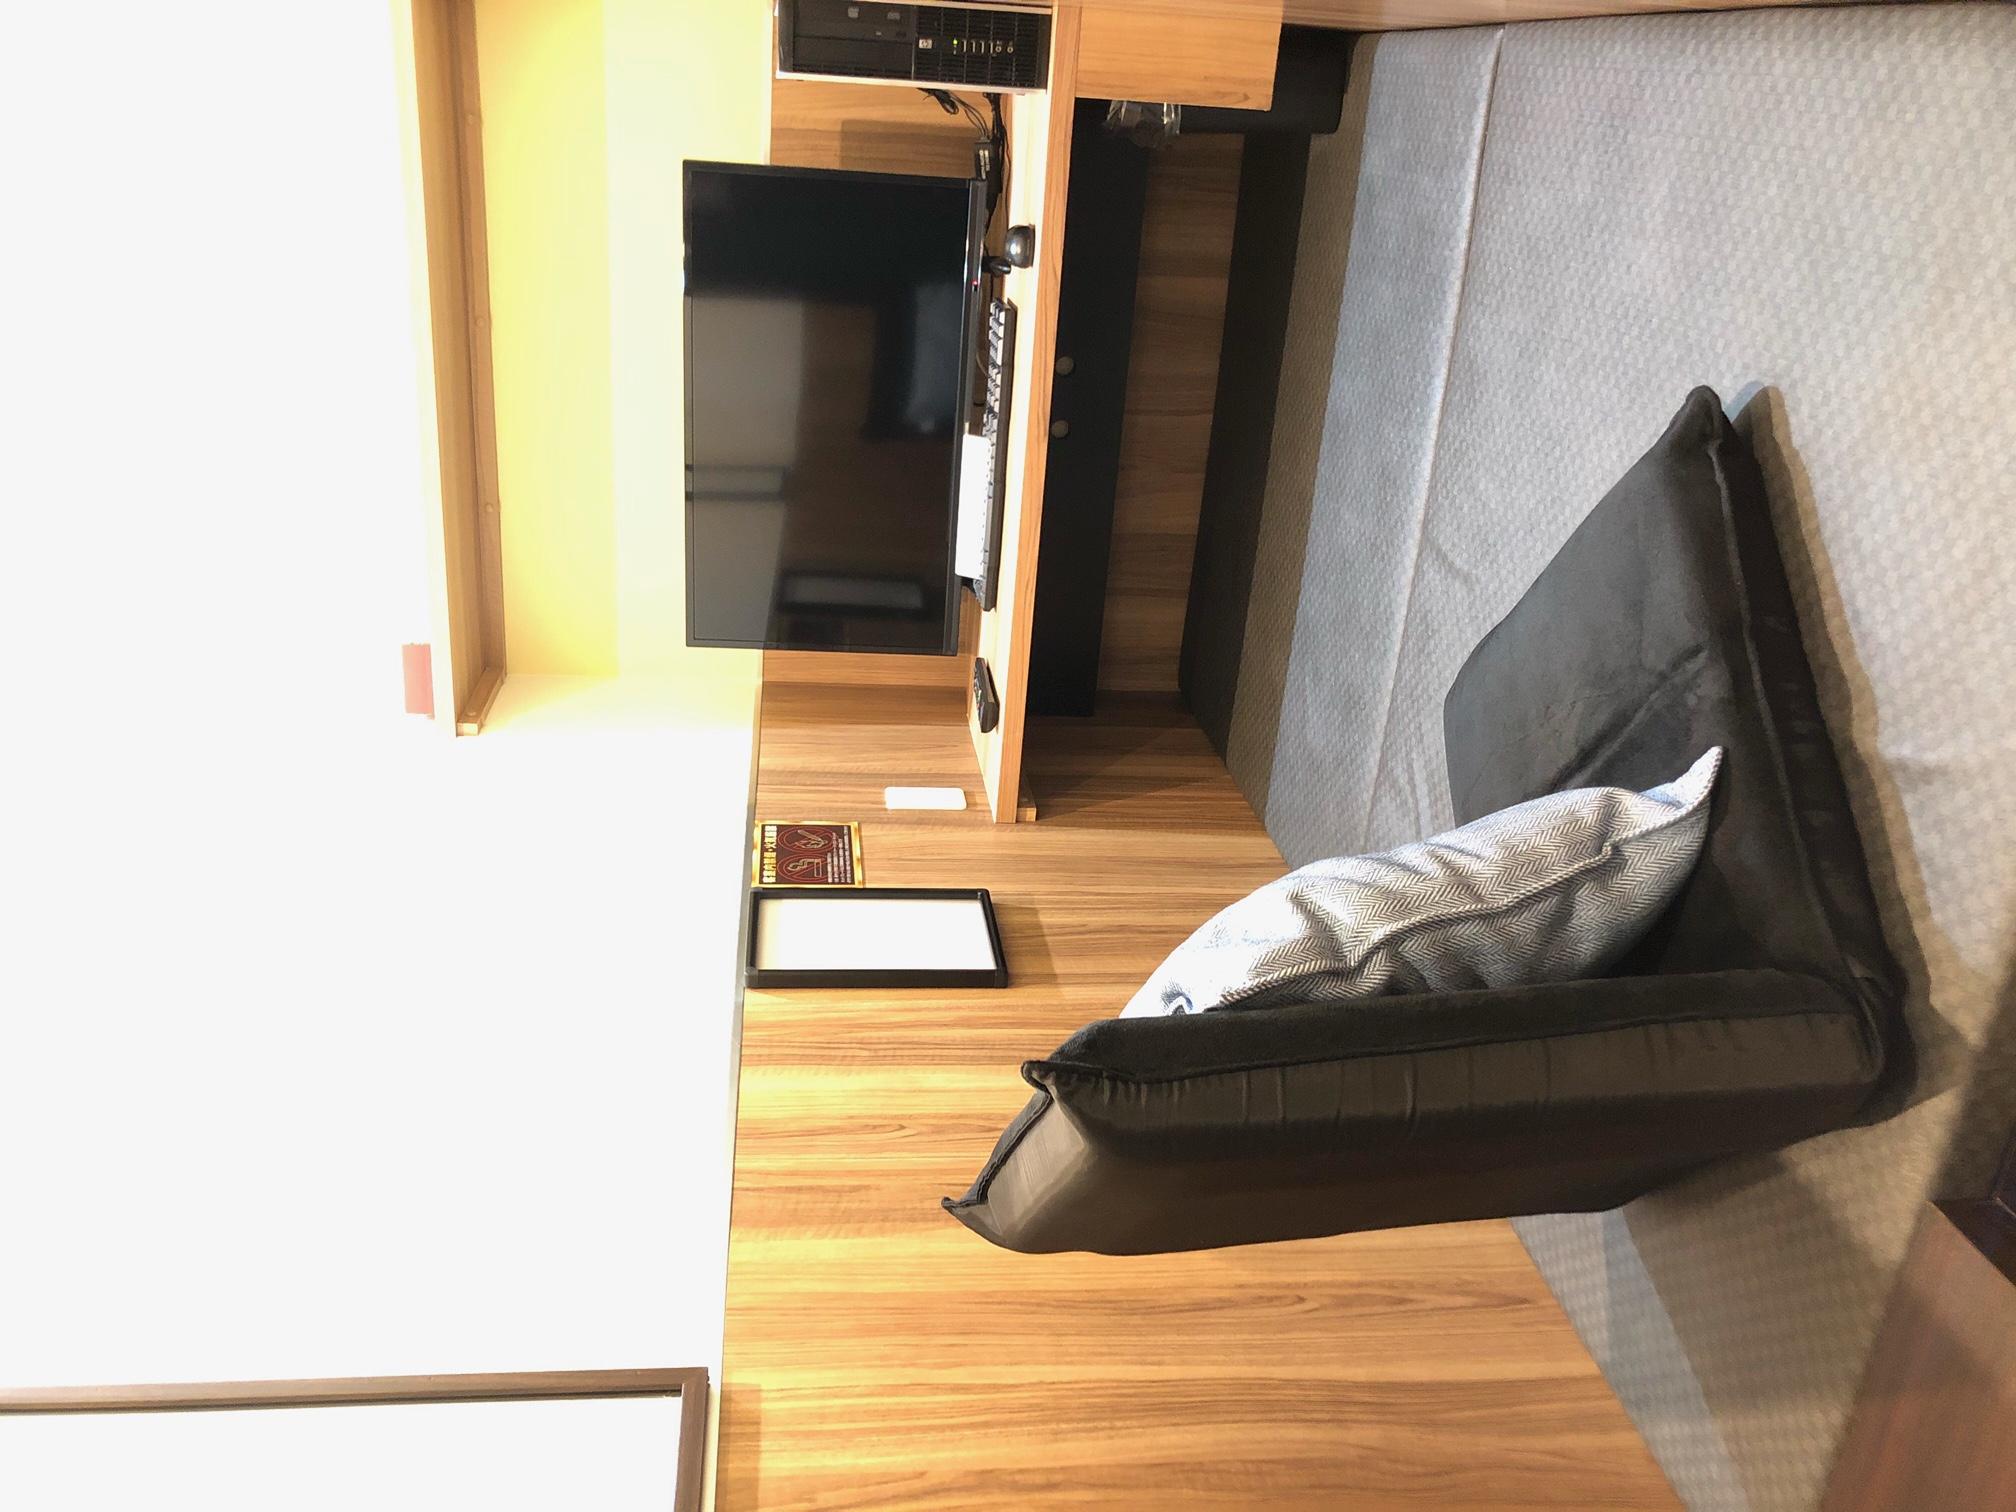 スタンダード 1名~2名様用 - 道玄坂NETROOM1.st 鍵付き完全個室ネットルームの室内の写真